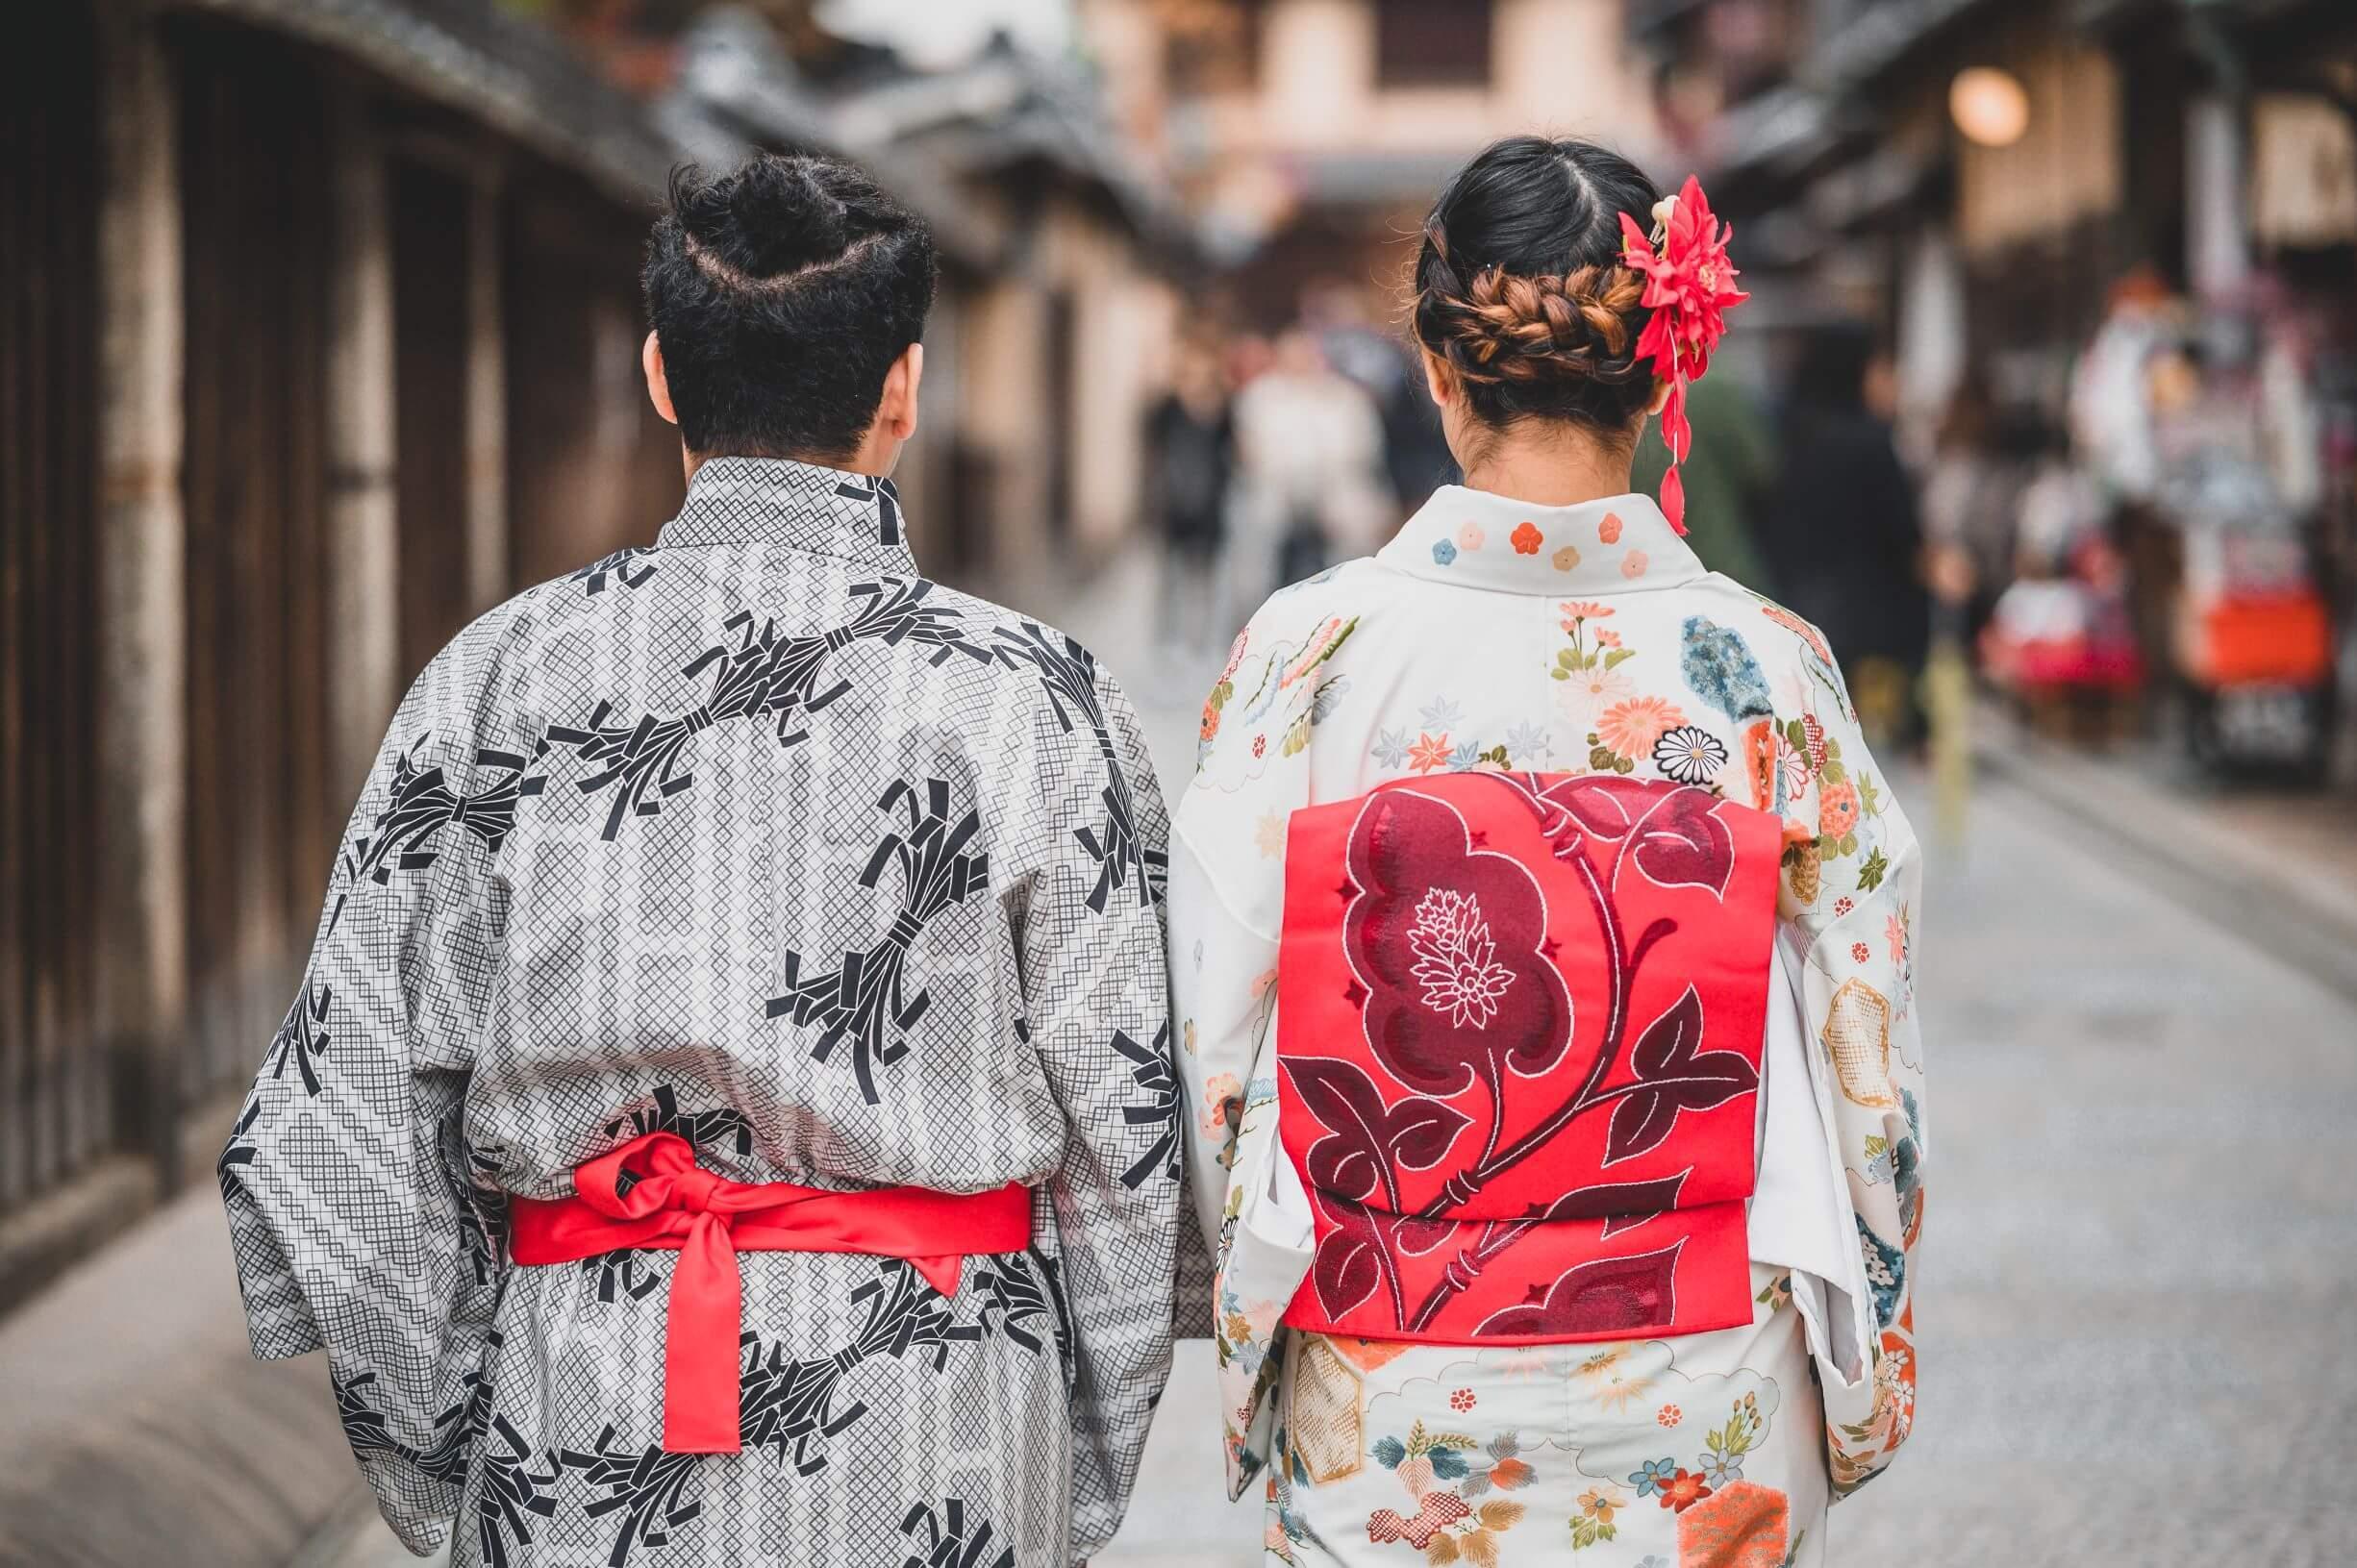 Man and Woman in kimono